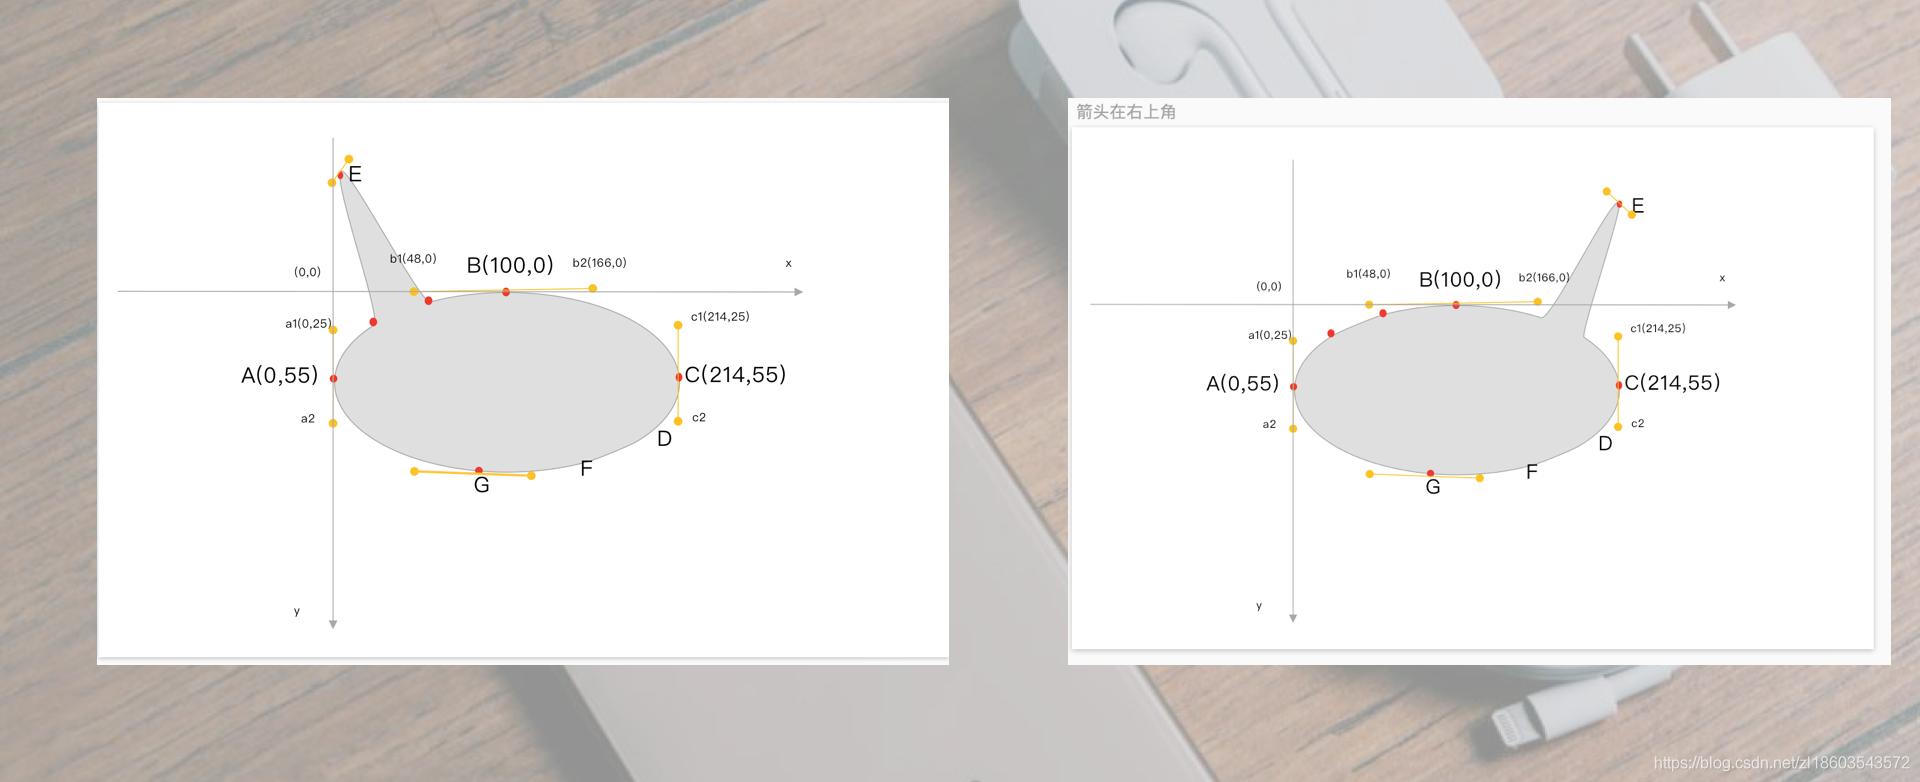 气泡箭头坐标分析图2